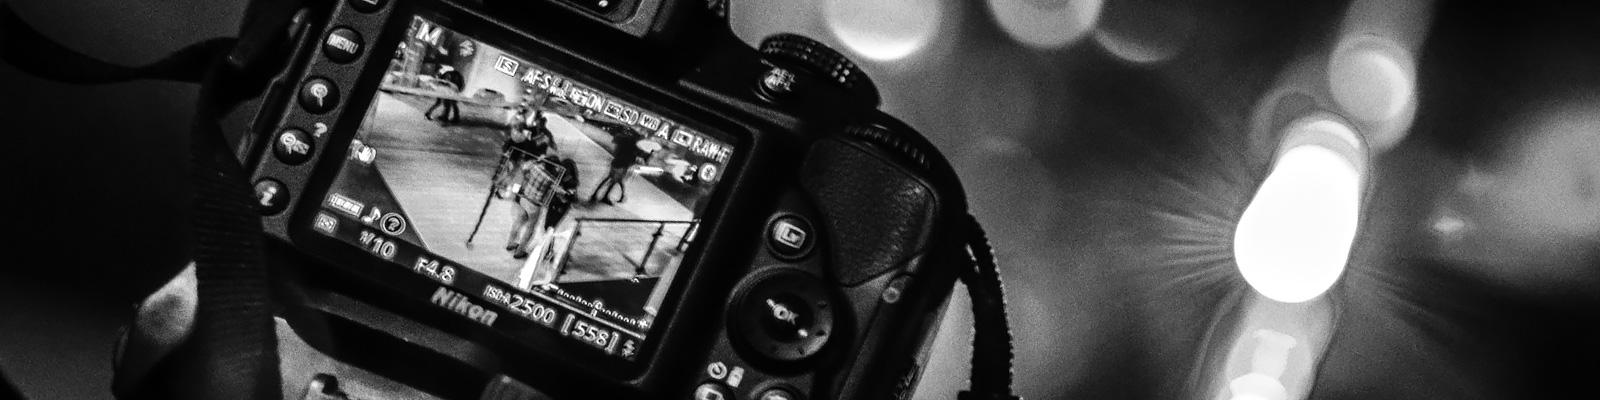 カメラ 撮影 アクシデント イメージ